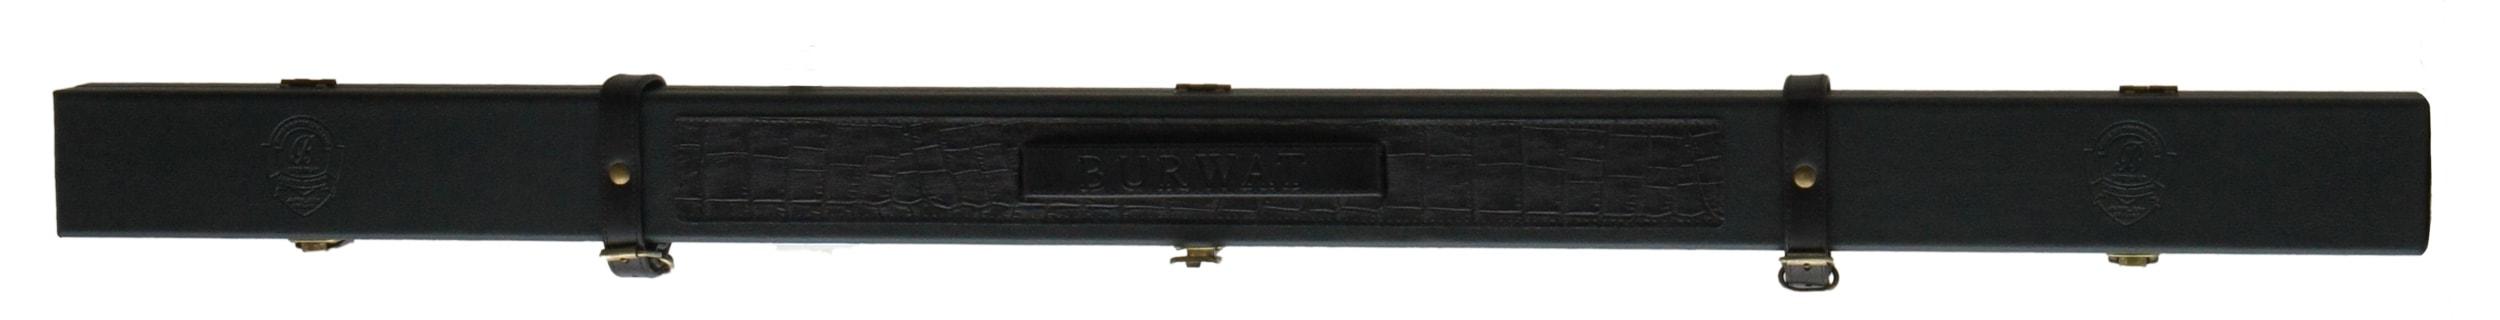 rileyケース burwat bw1 (3pceスヌーカーキュー用) 商品画像